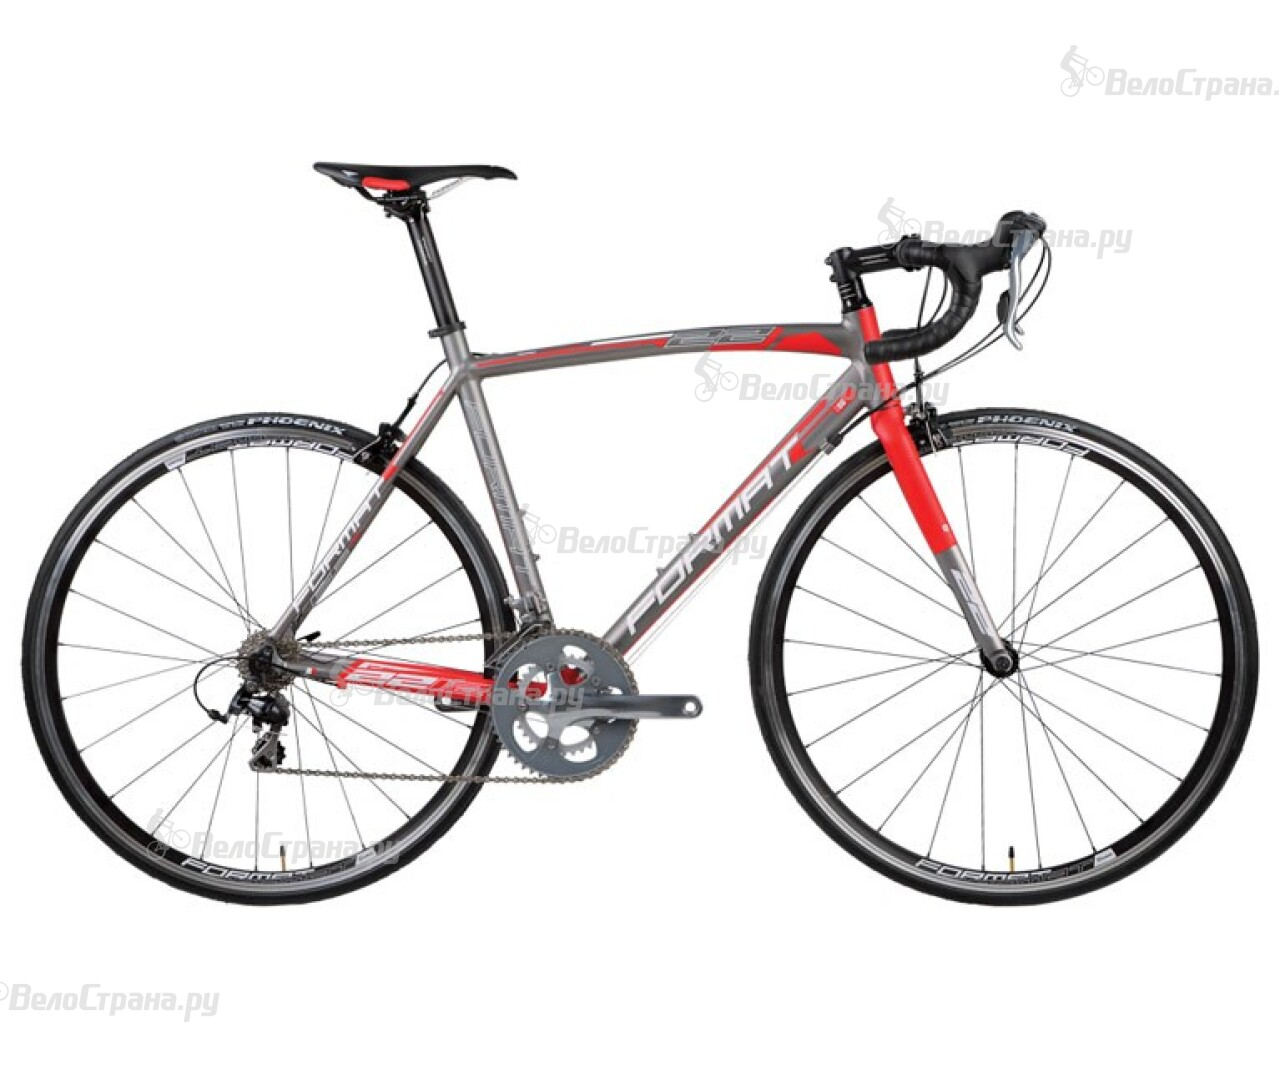 Велосипед Format 2212 (2014) велосипед format 3213 2014